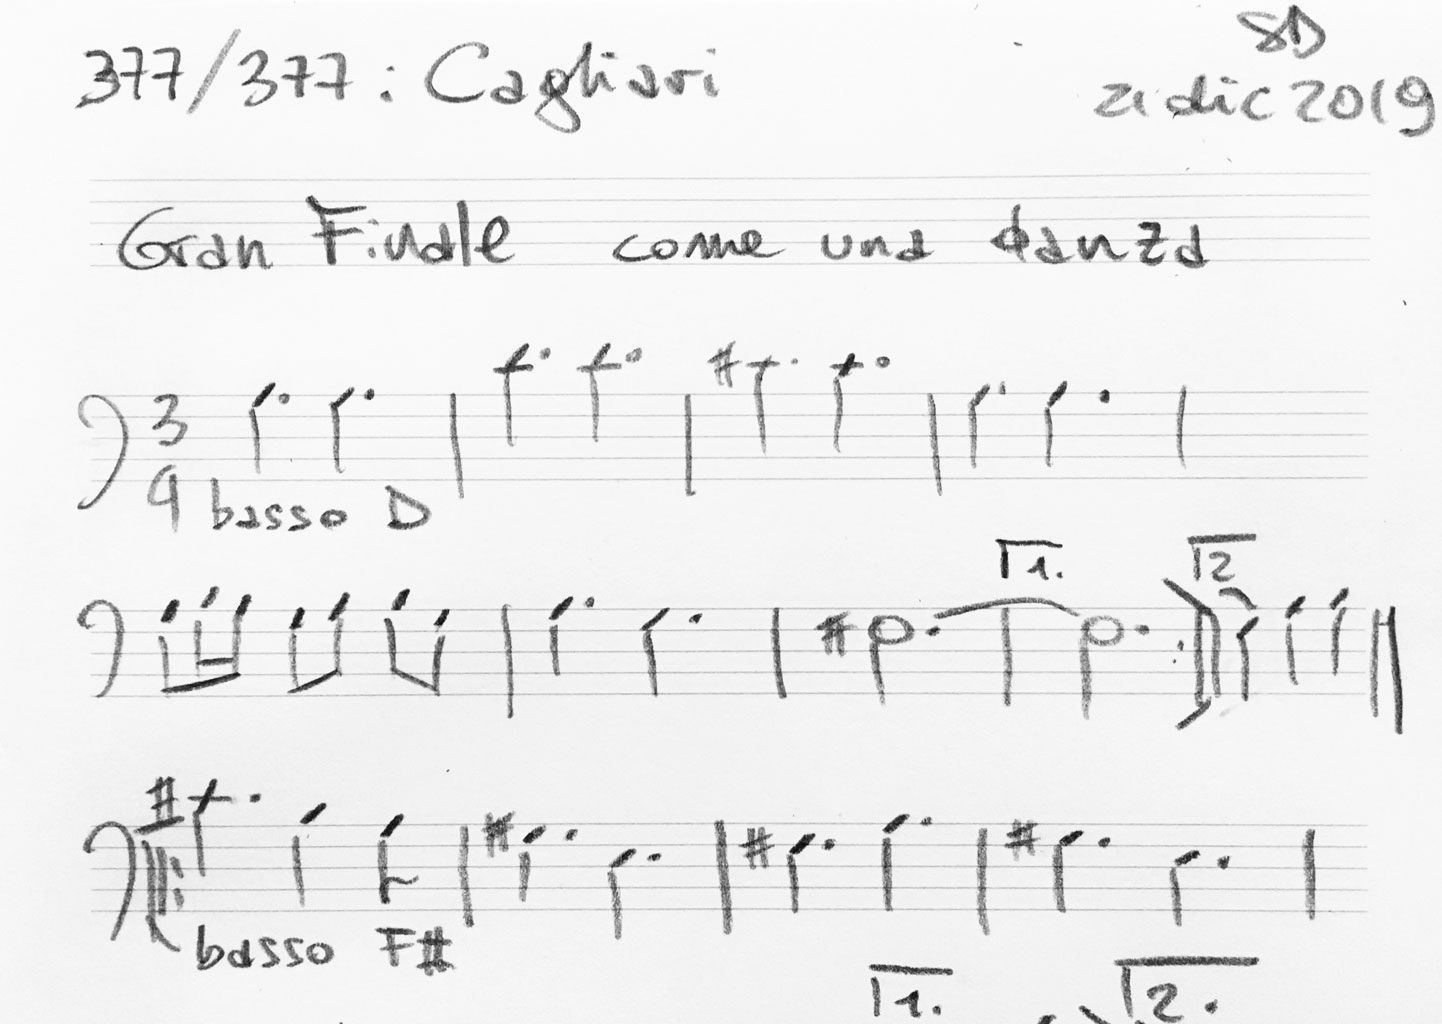 377-Cagliari-score